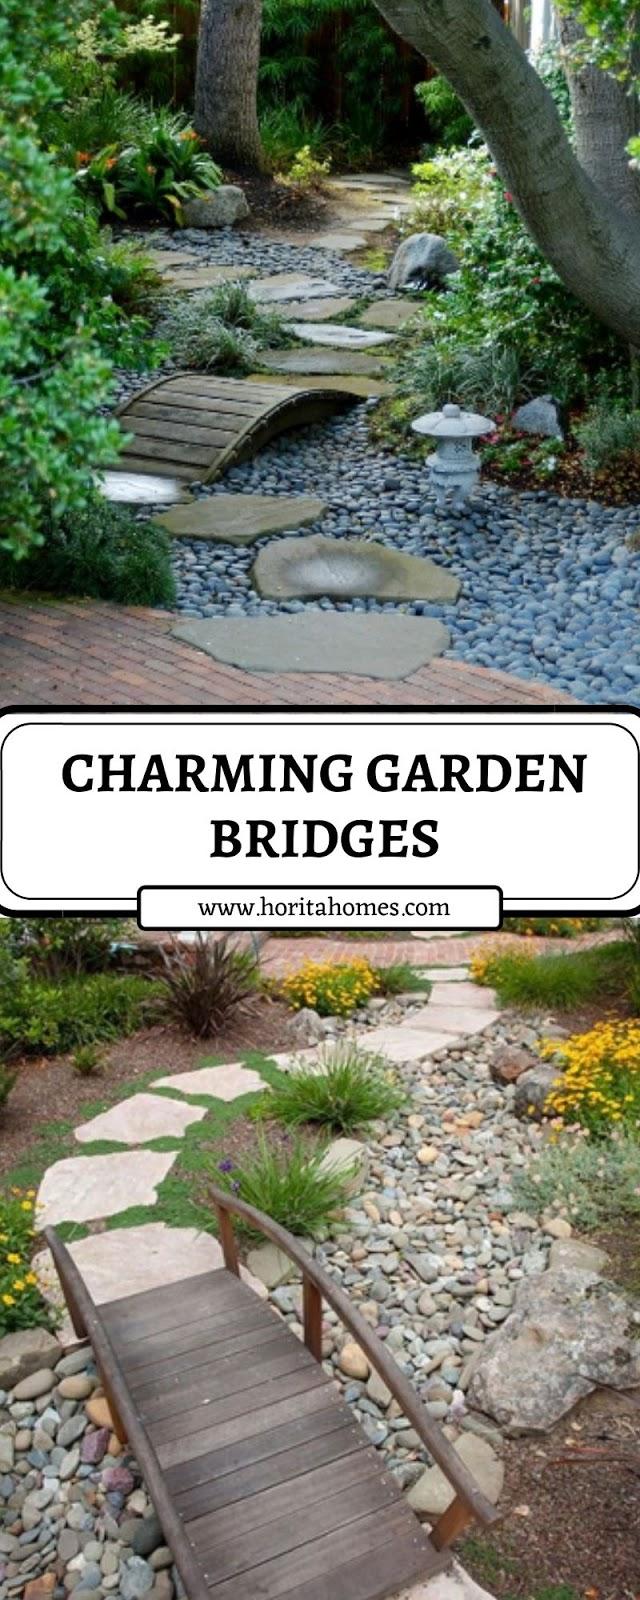 CHARMING GARDEN BRIDGES